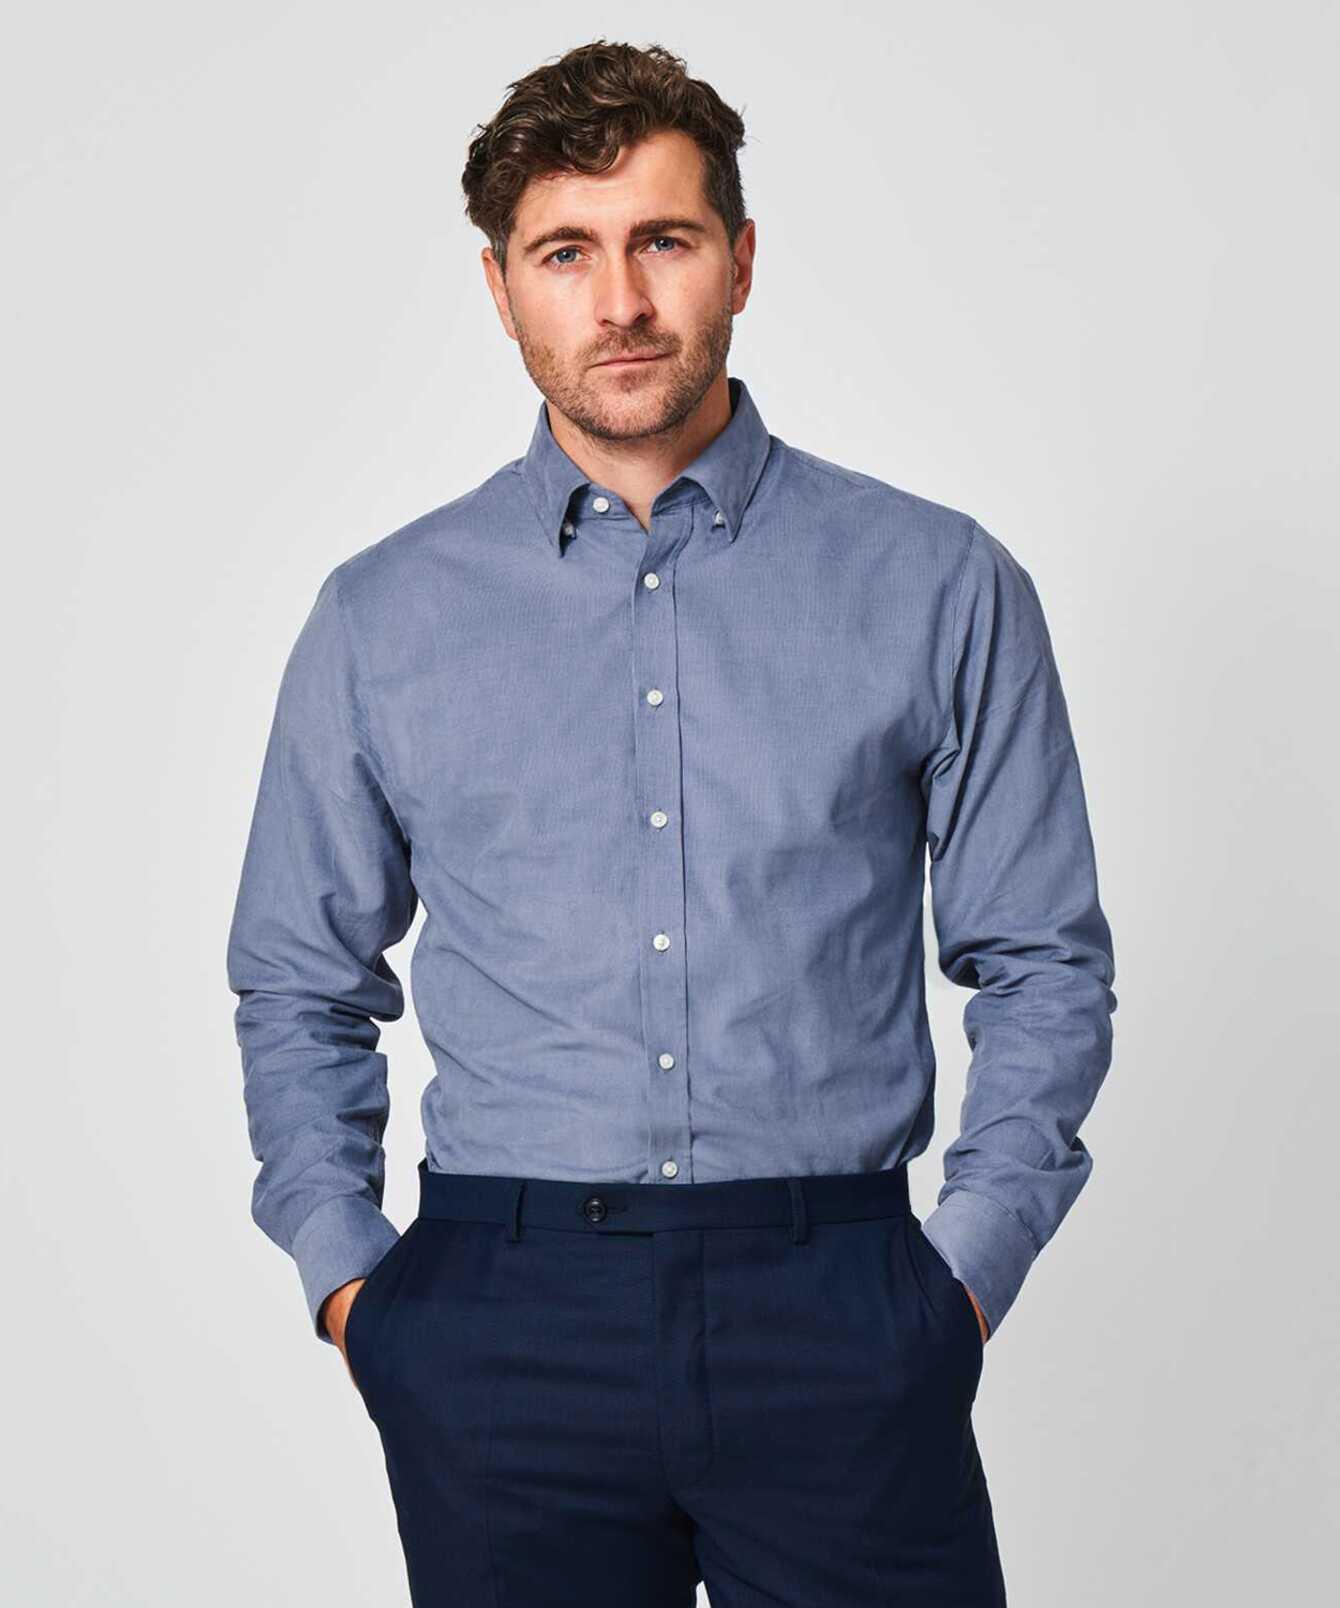 Skjorta Toronto Cord Blå The Shirt Factory